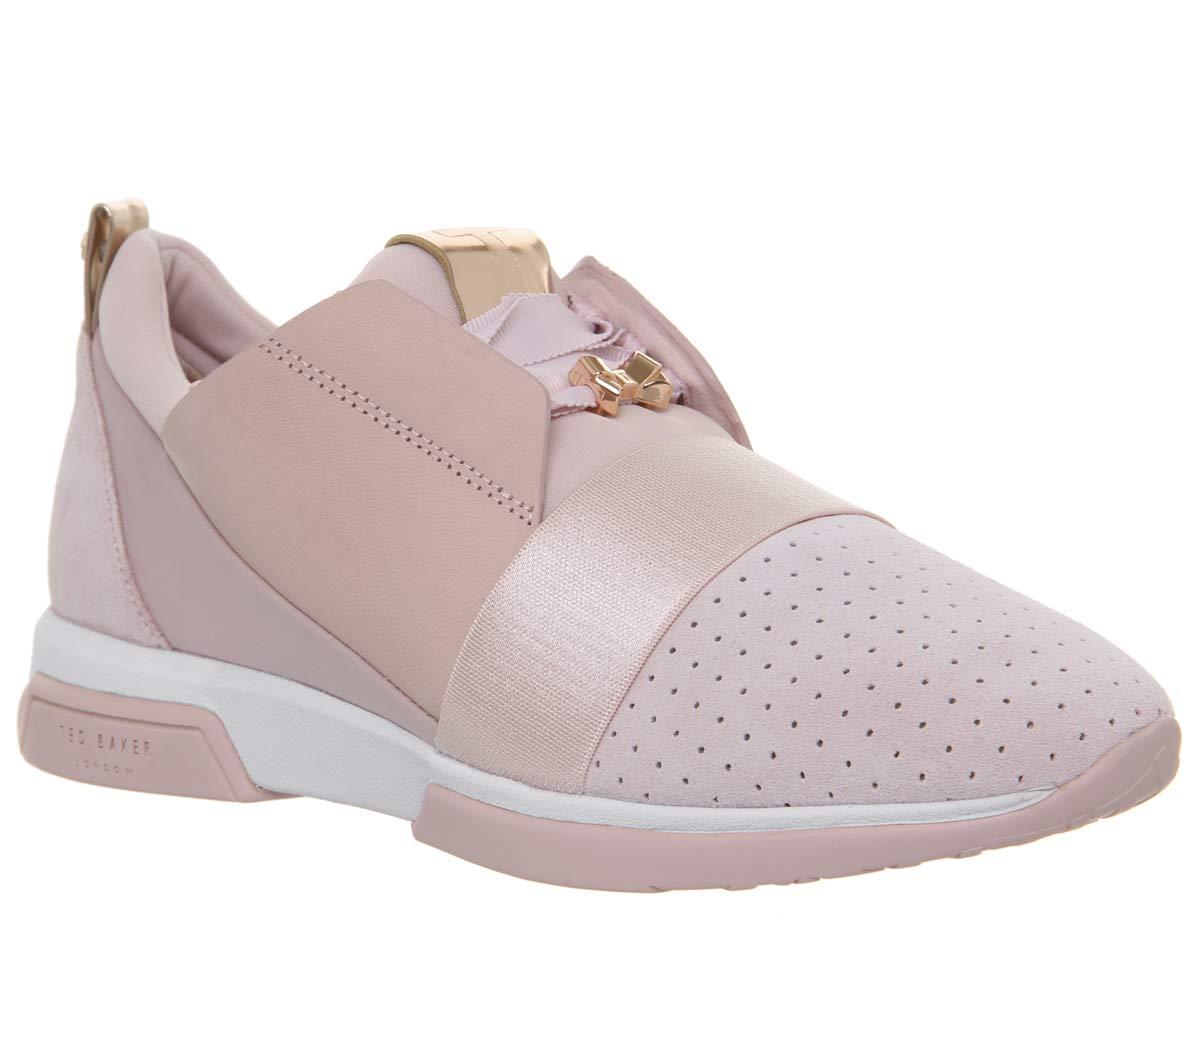 Mink Baker Baskets Cepa Ted Rose Pink Femme pnk xawqPYUTYF